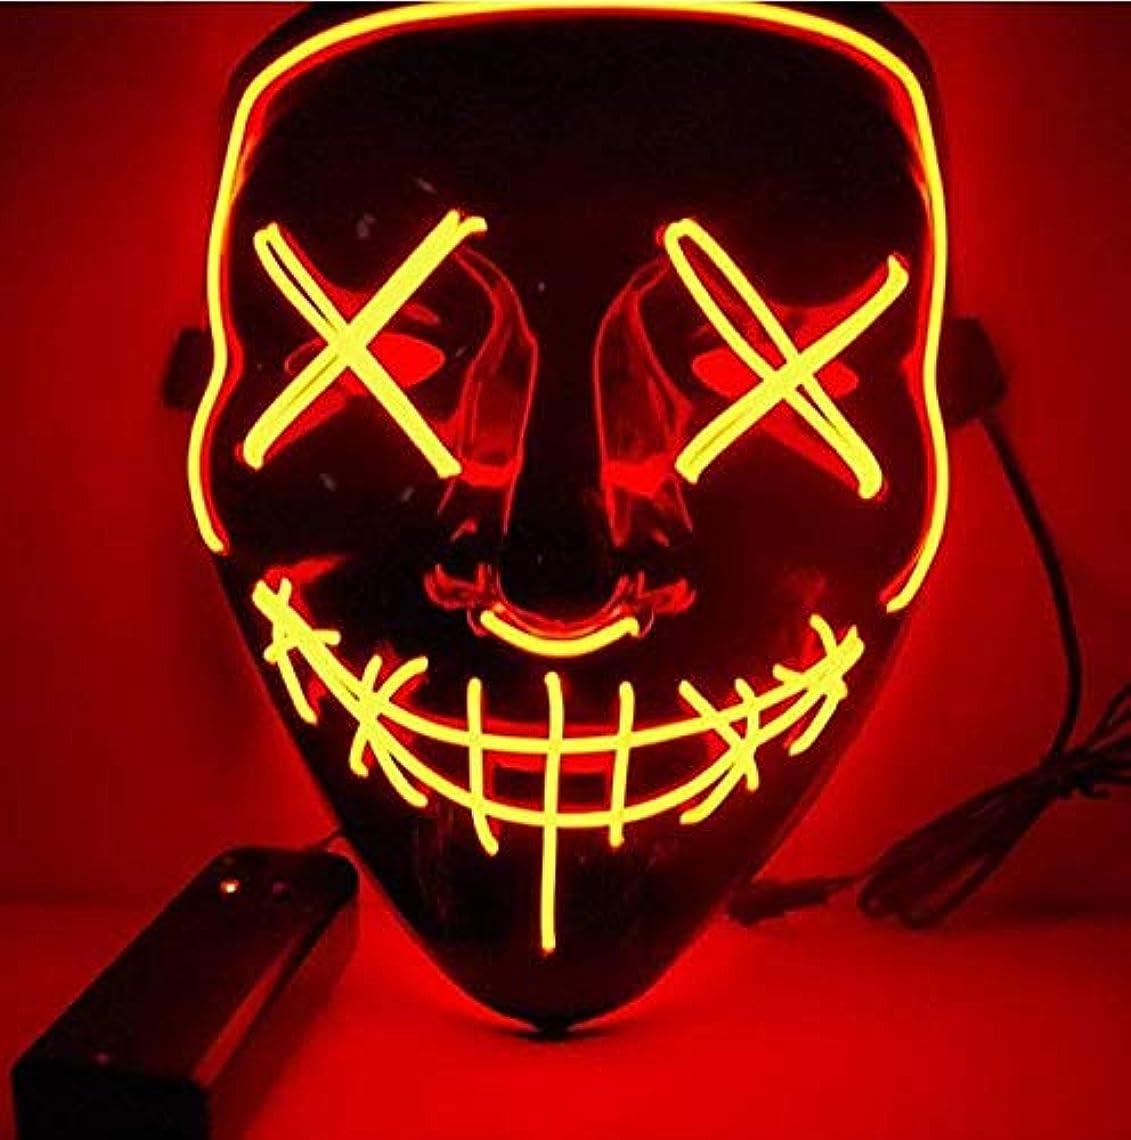 劣る常習的ペッカディロハロウィンマスクLEDライトアップパーティーマスクコスプレコスチュームサプライ暗闇で光る (Color : GREEN)